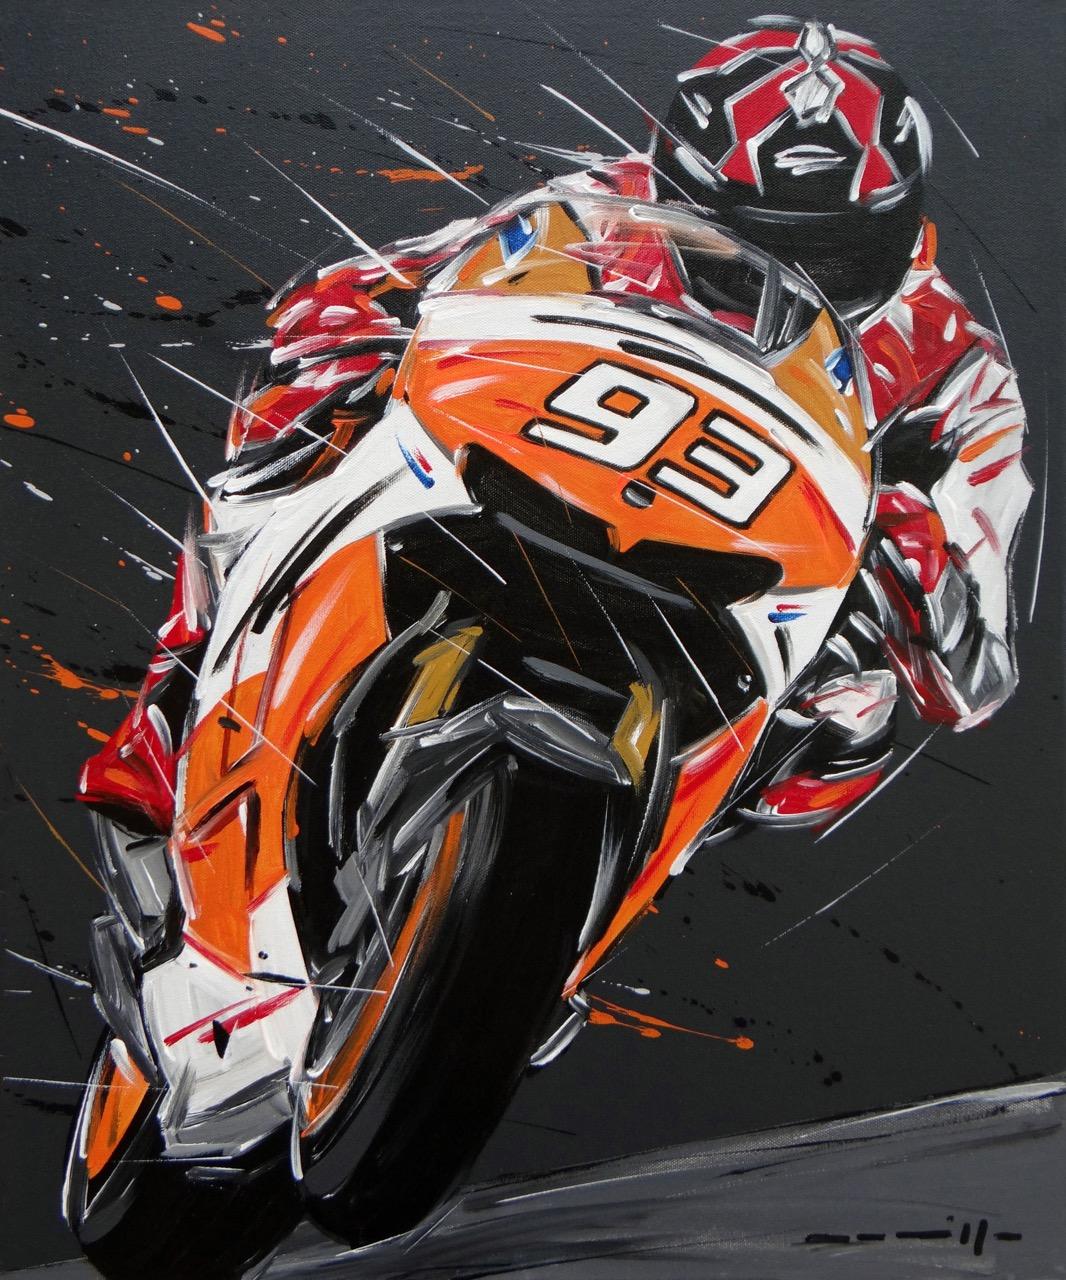 MotoGP_Marquez_Honda93_64x76.jpg